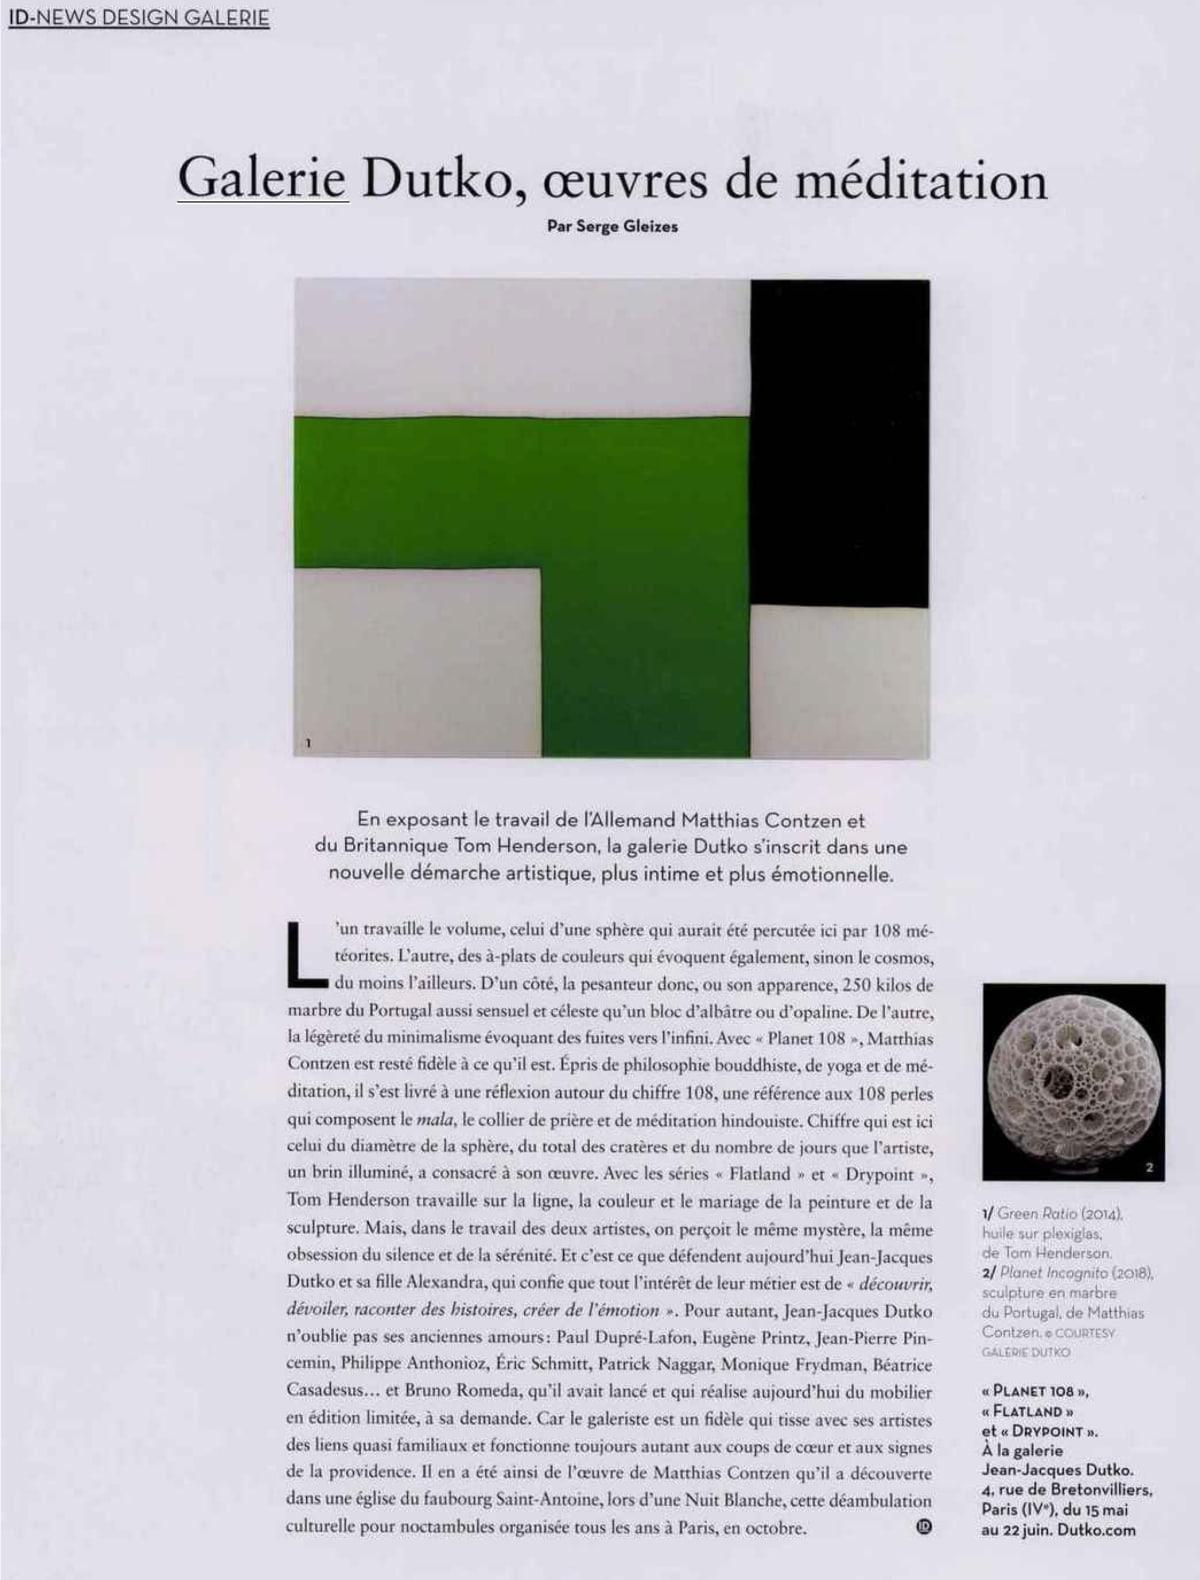 IDEAT - Galerie Dutko, oeuvres de méditation